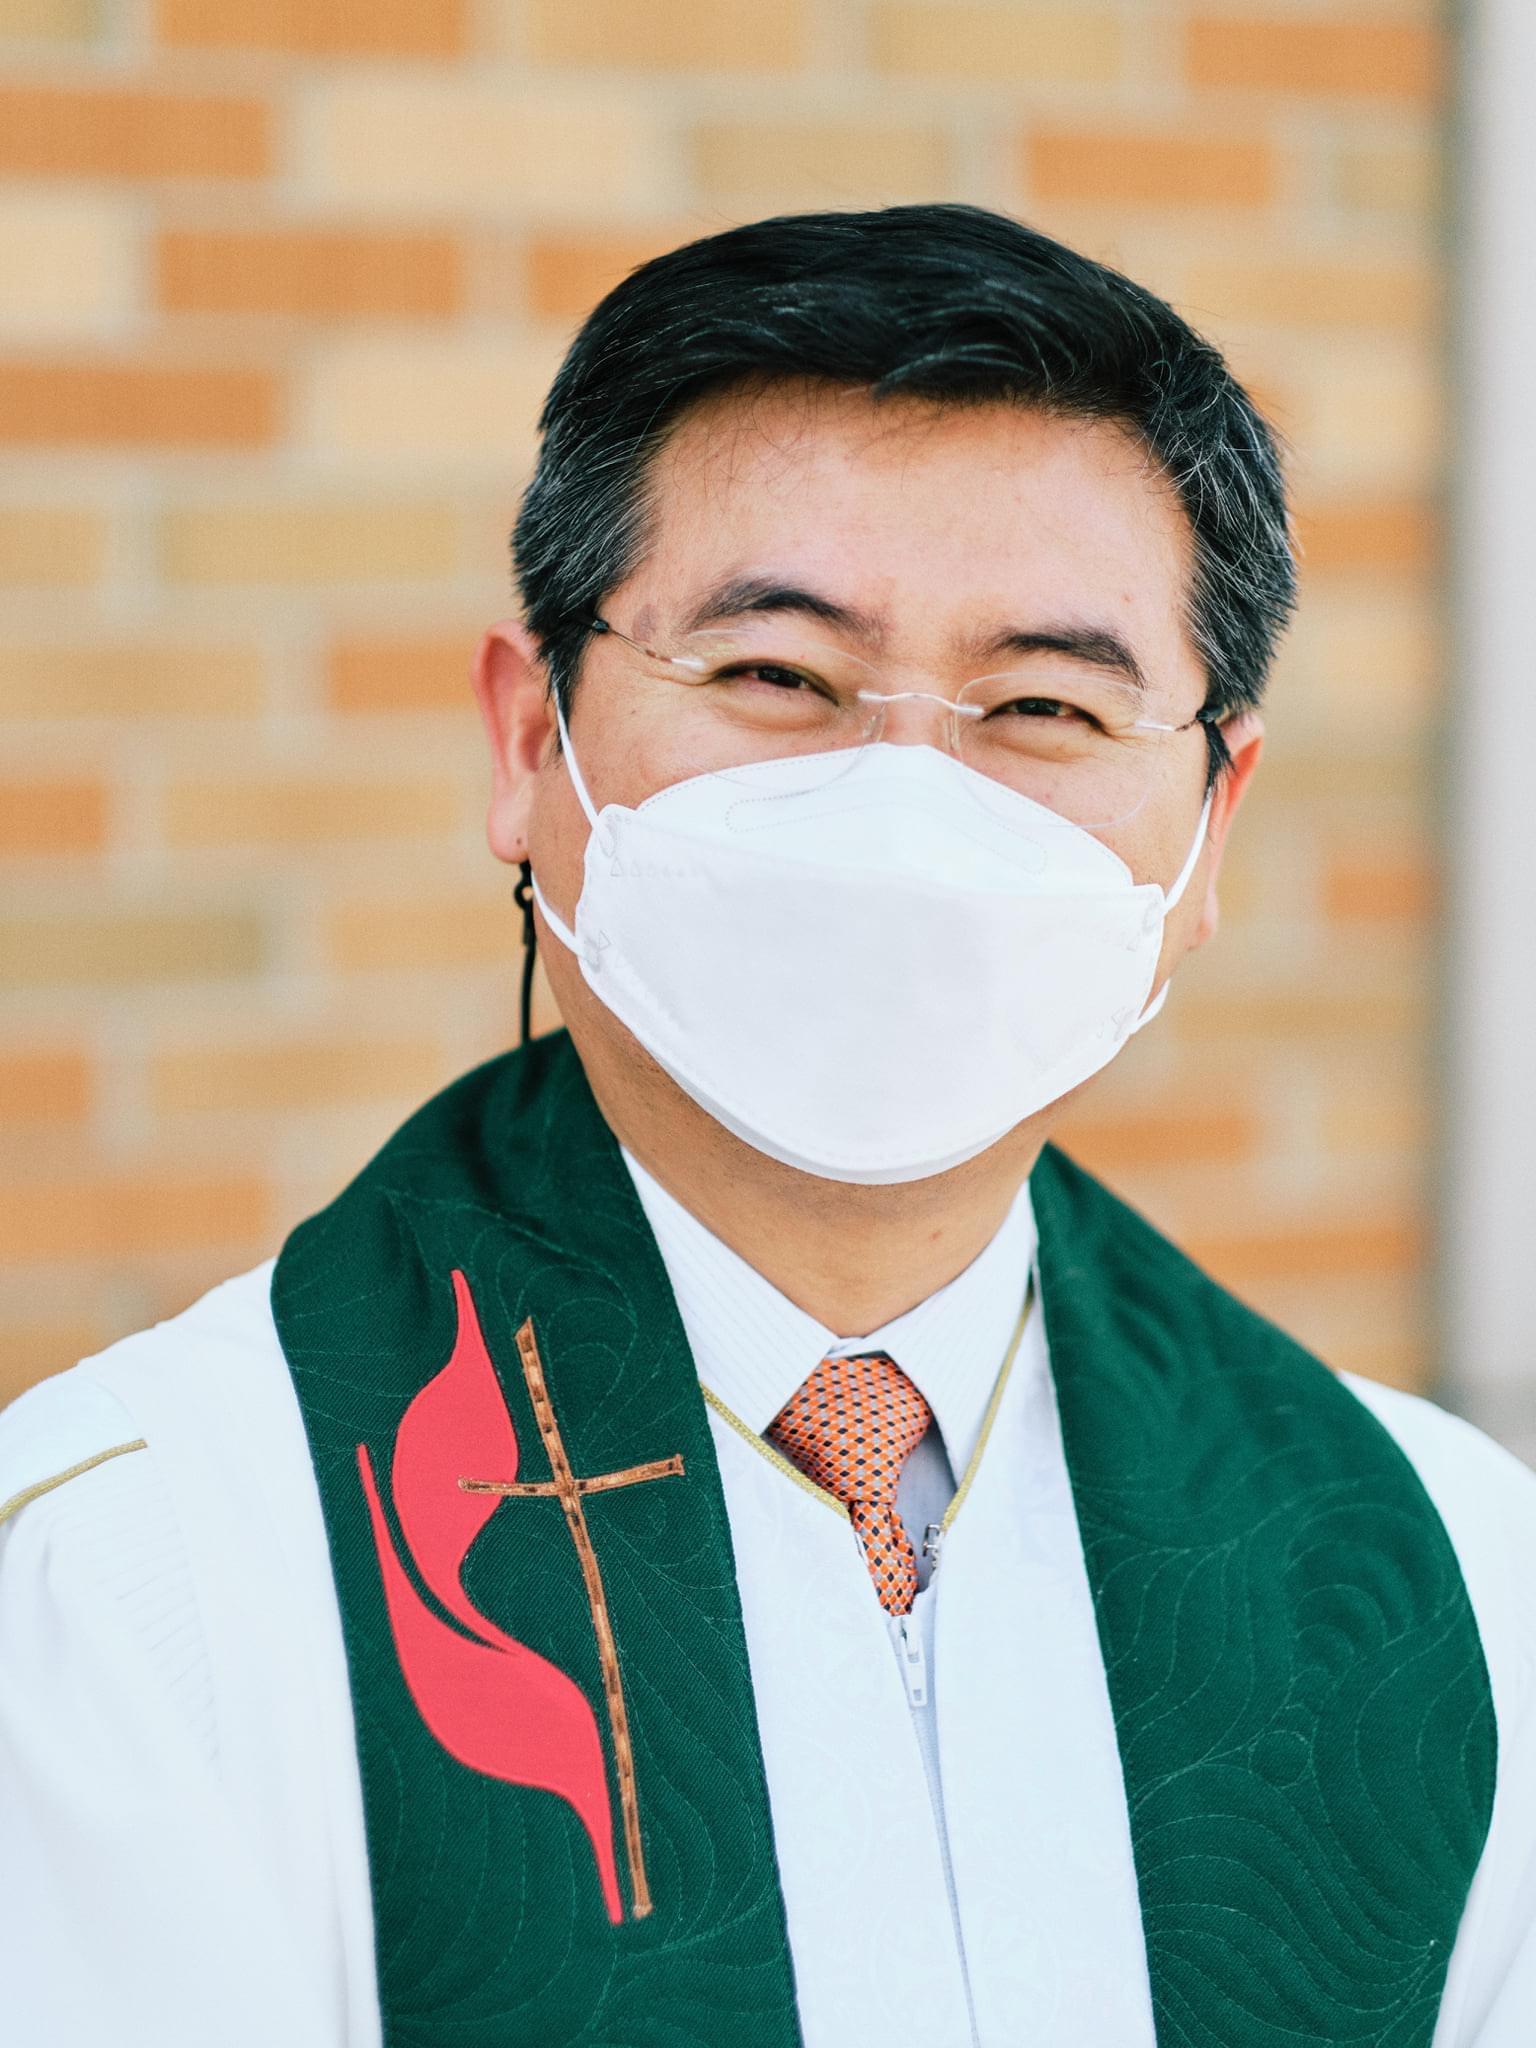 사진 제공, 조선형 목사.